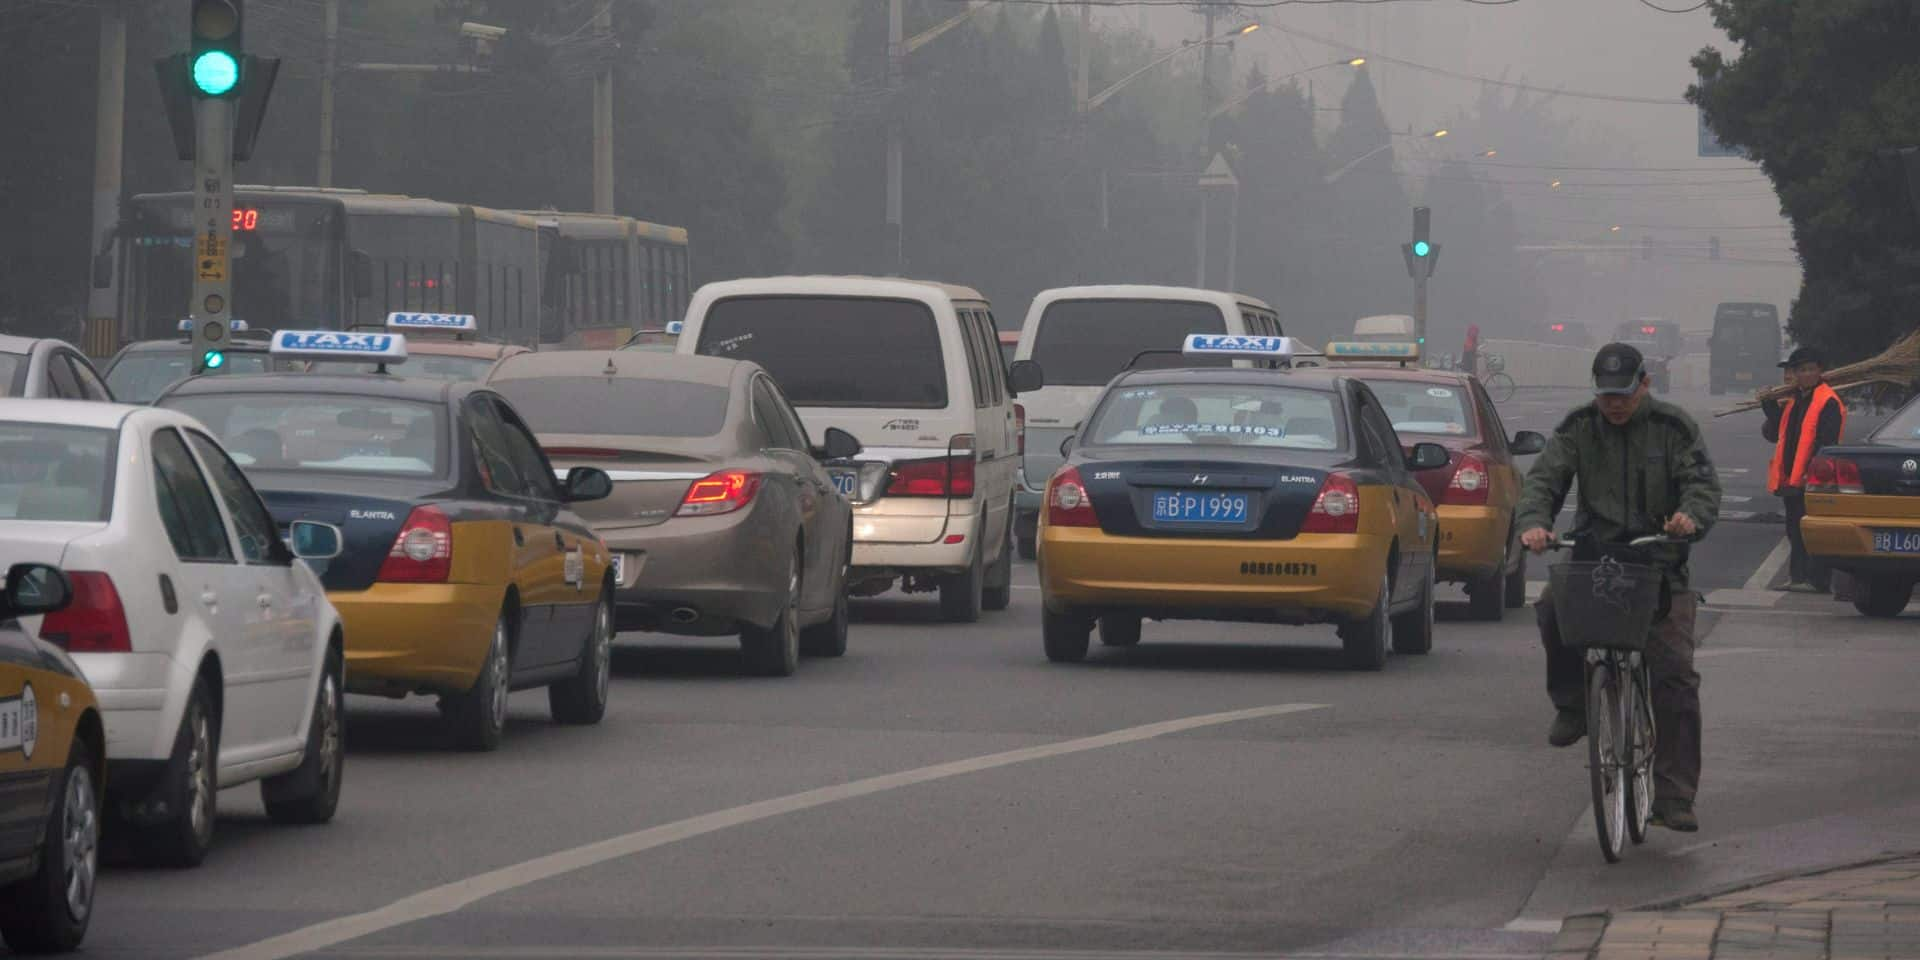 La baisse des émissions dues au Covid-19 n'aura aucun effet sur le climat